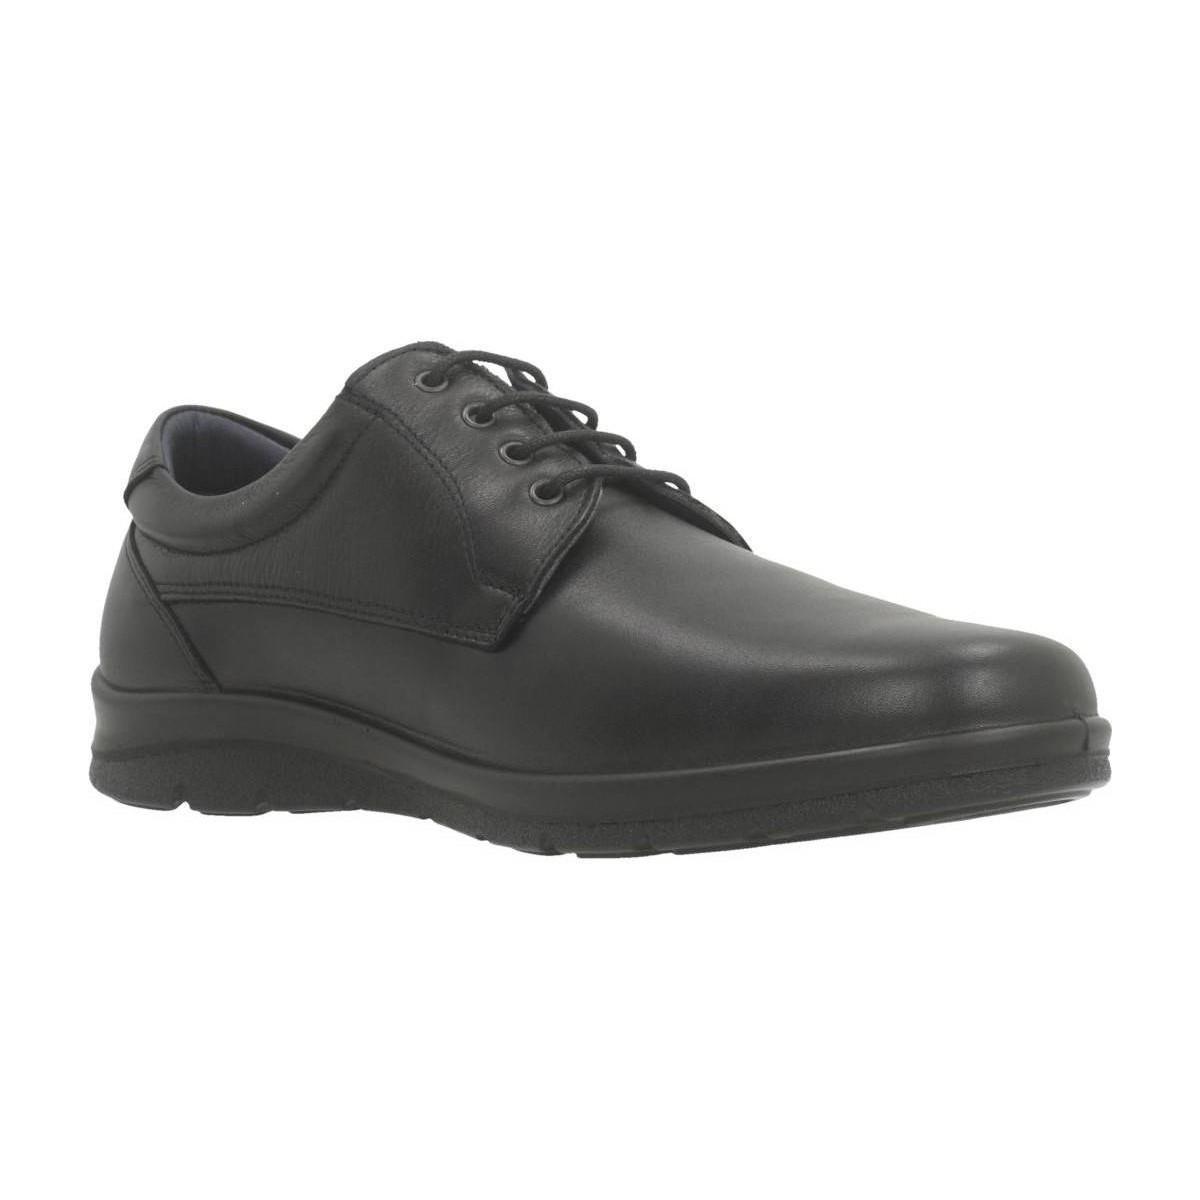 Pitillos Nette Schoenen 4100 in het Zwart voor heren